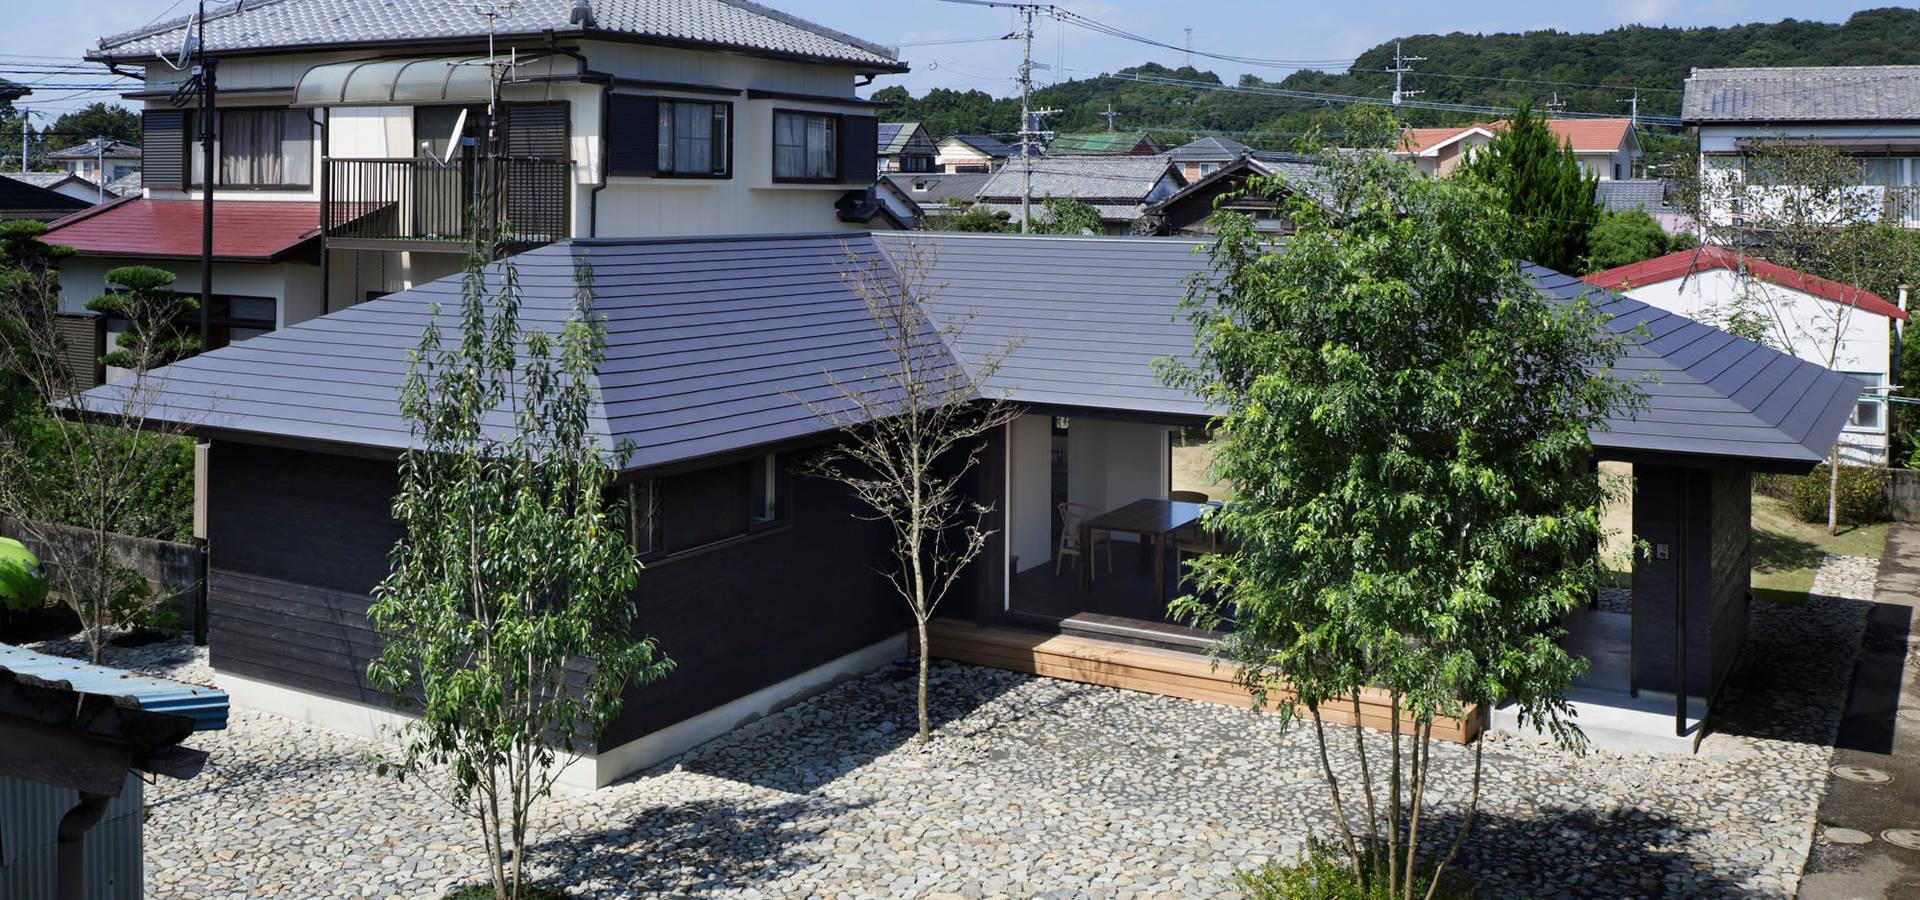 山田伸彦建築設計事務所